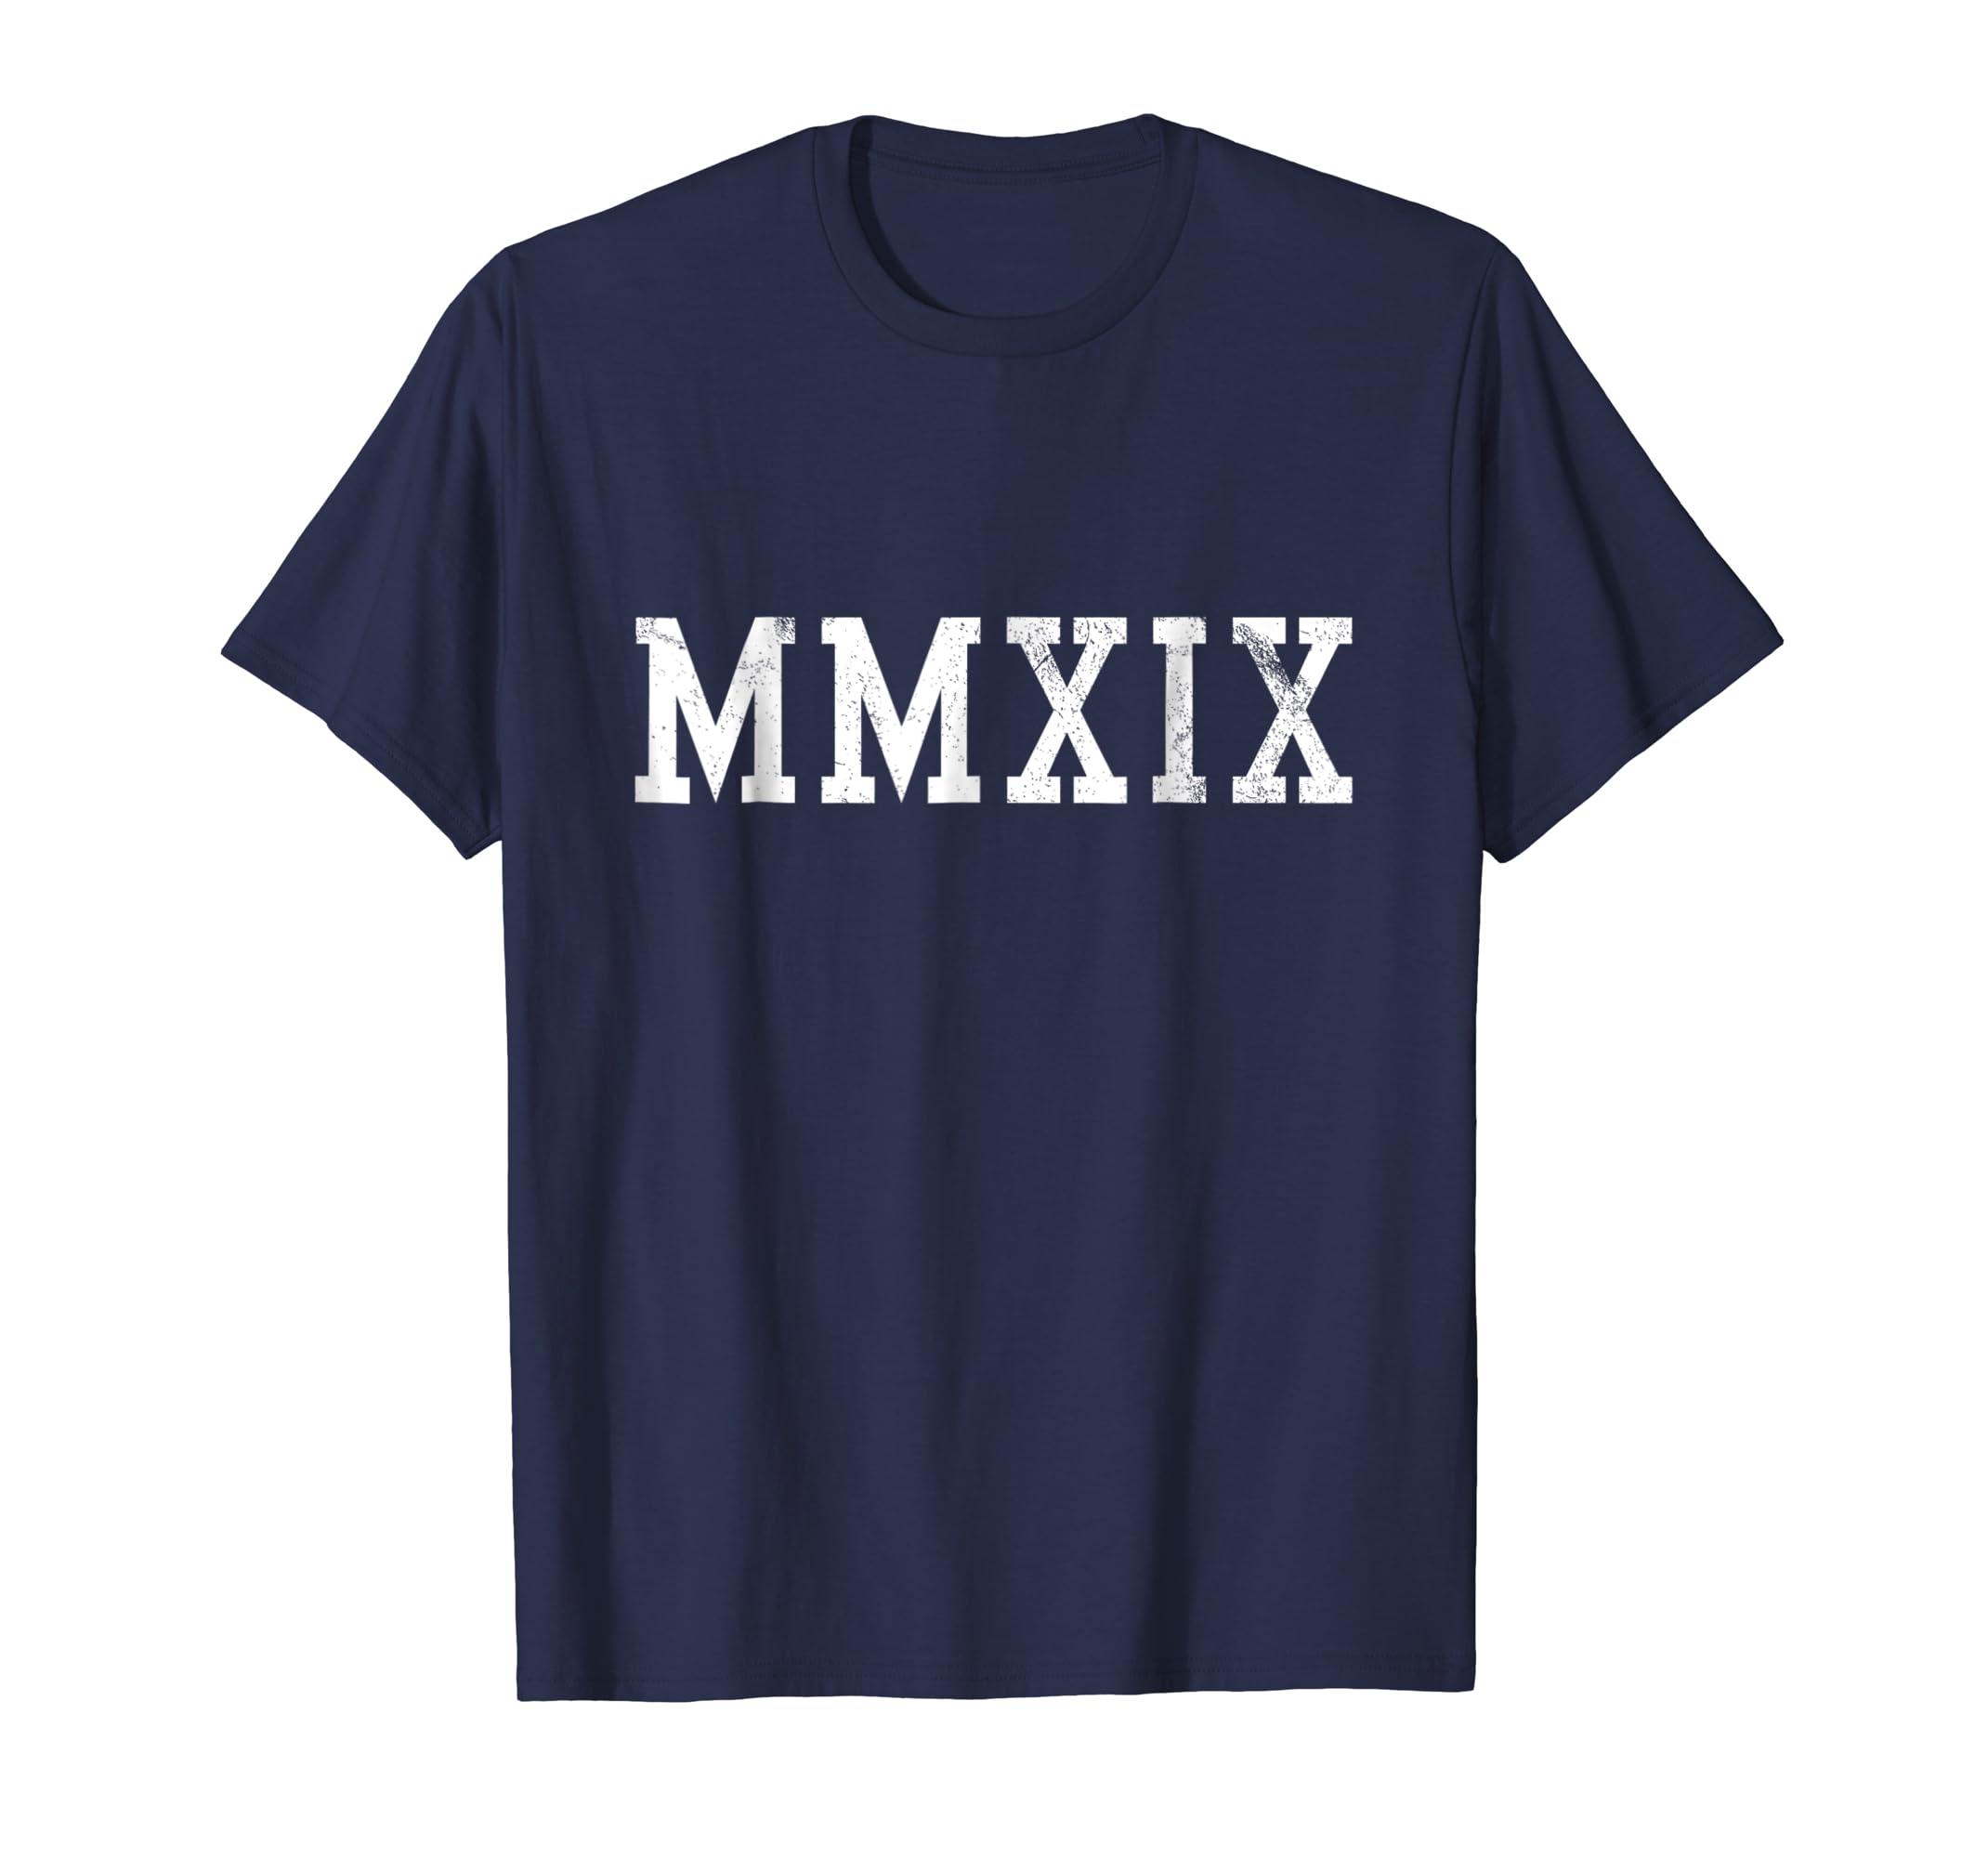 2019 T Shirt MMXIX Tshirt Happy New Year Tee Gift-azvn